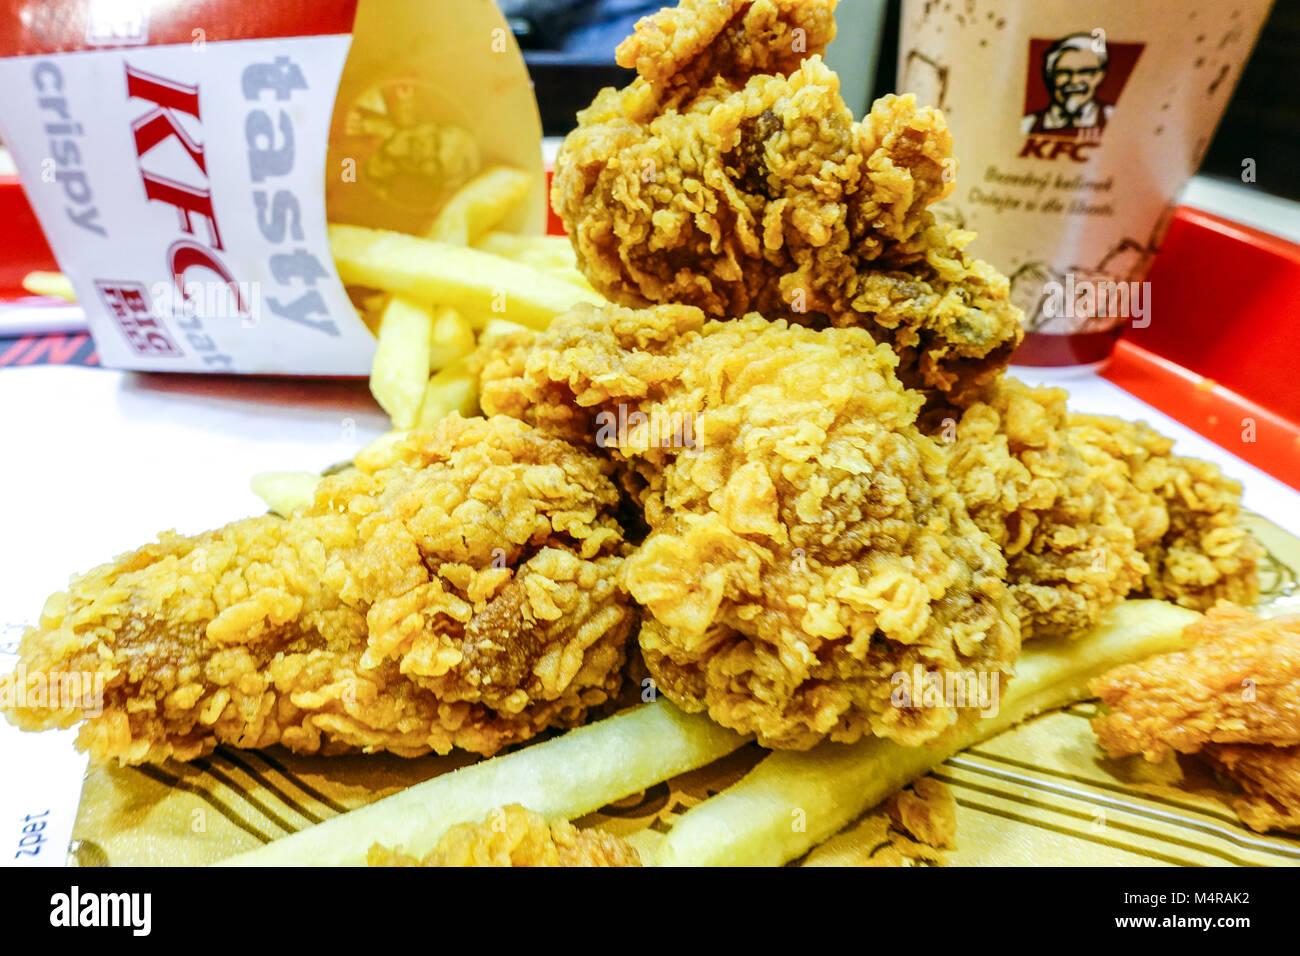 Kentucky Fried Chicken Meal: Kentucky Fried Chicken Food Stock Photos & Kentucky Fried